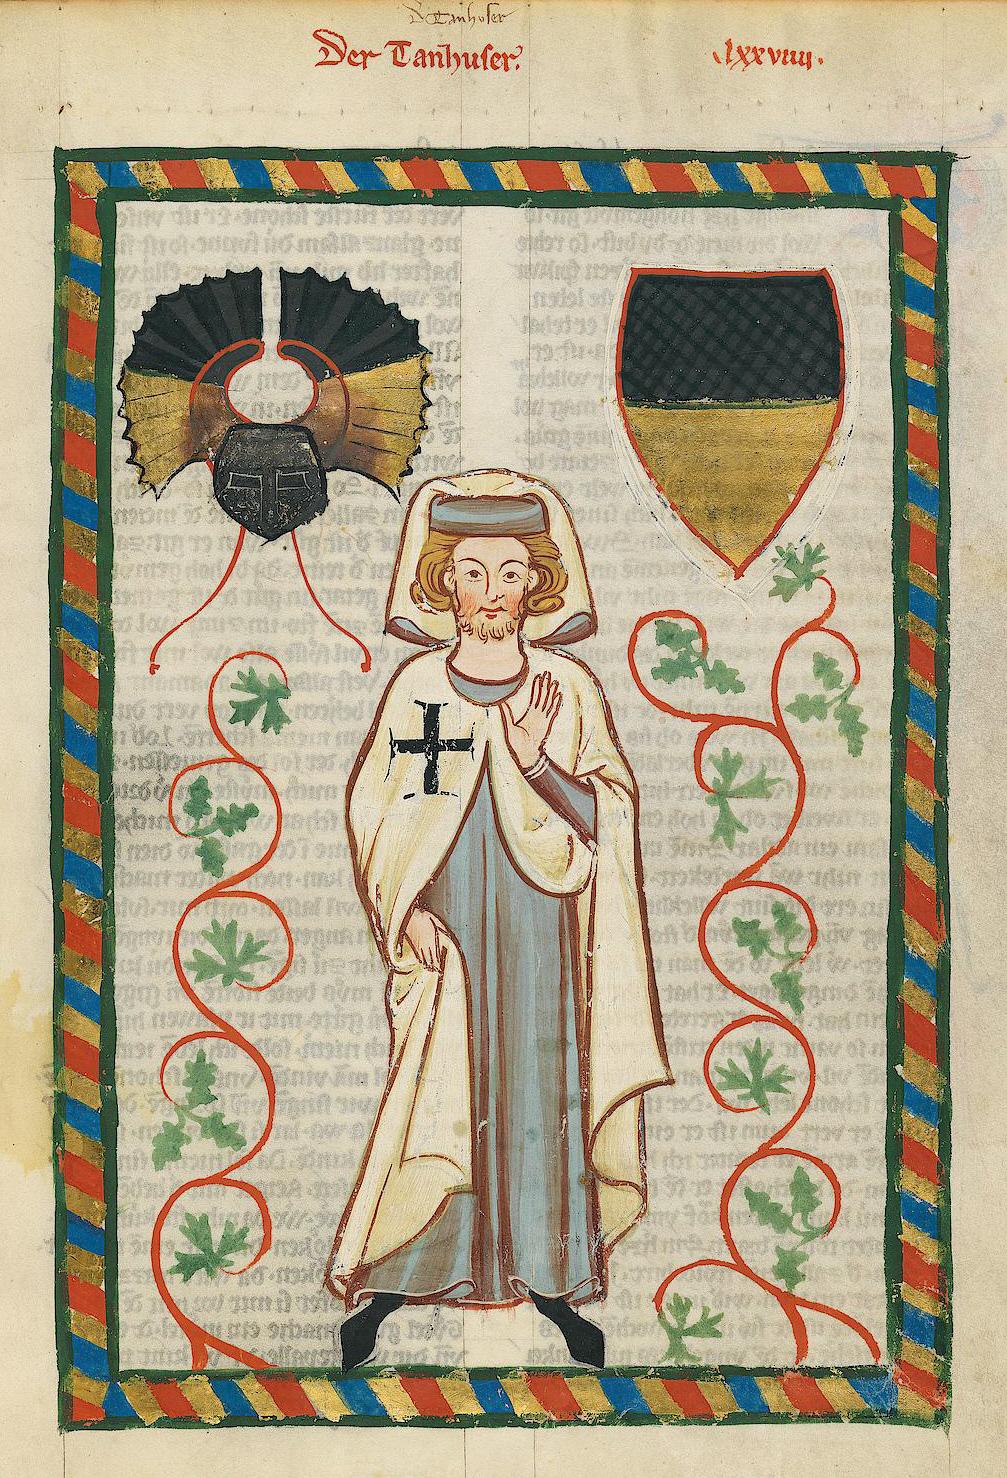 Codex_Manesse_Tannhäuser.jpg